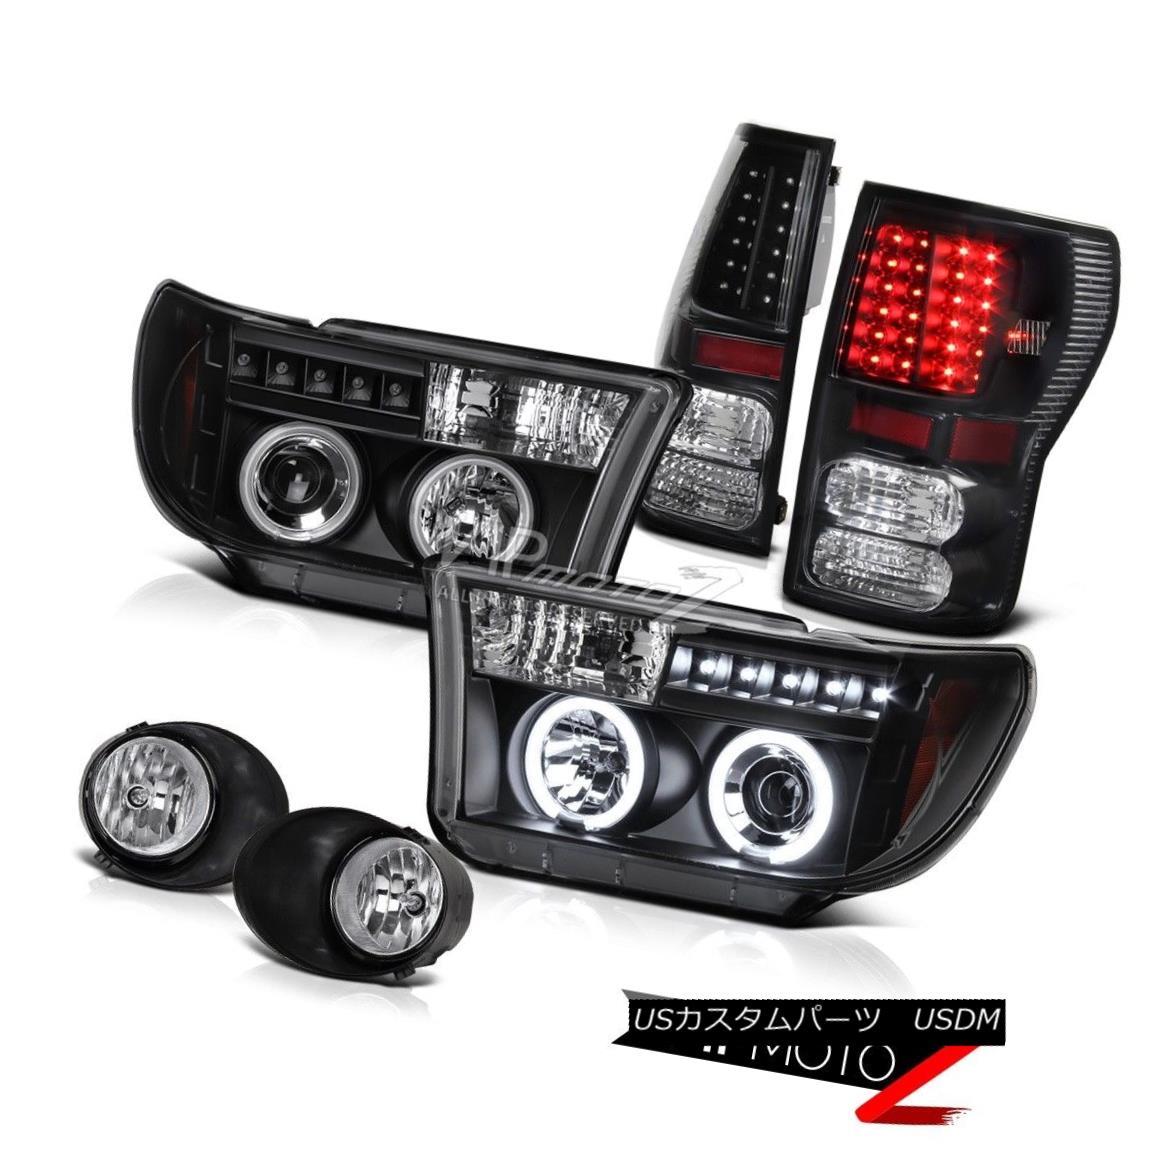 ヘッドライト 07-2013 Tundra TRD Truck CCFL Halo Projector Headlight+Led Tail Light+Fog Lamp 07-2013 Tundra TRDトラックCCFLハロープロジェクターヘッドライト+ Ledテールライト+フォグランプ